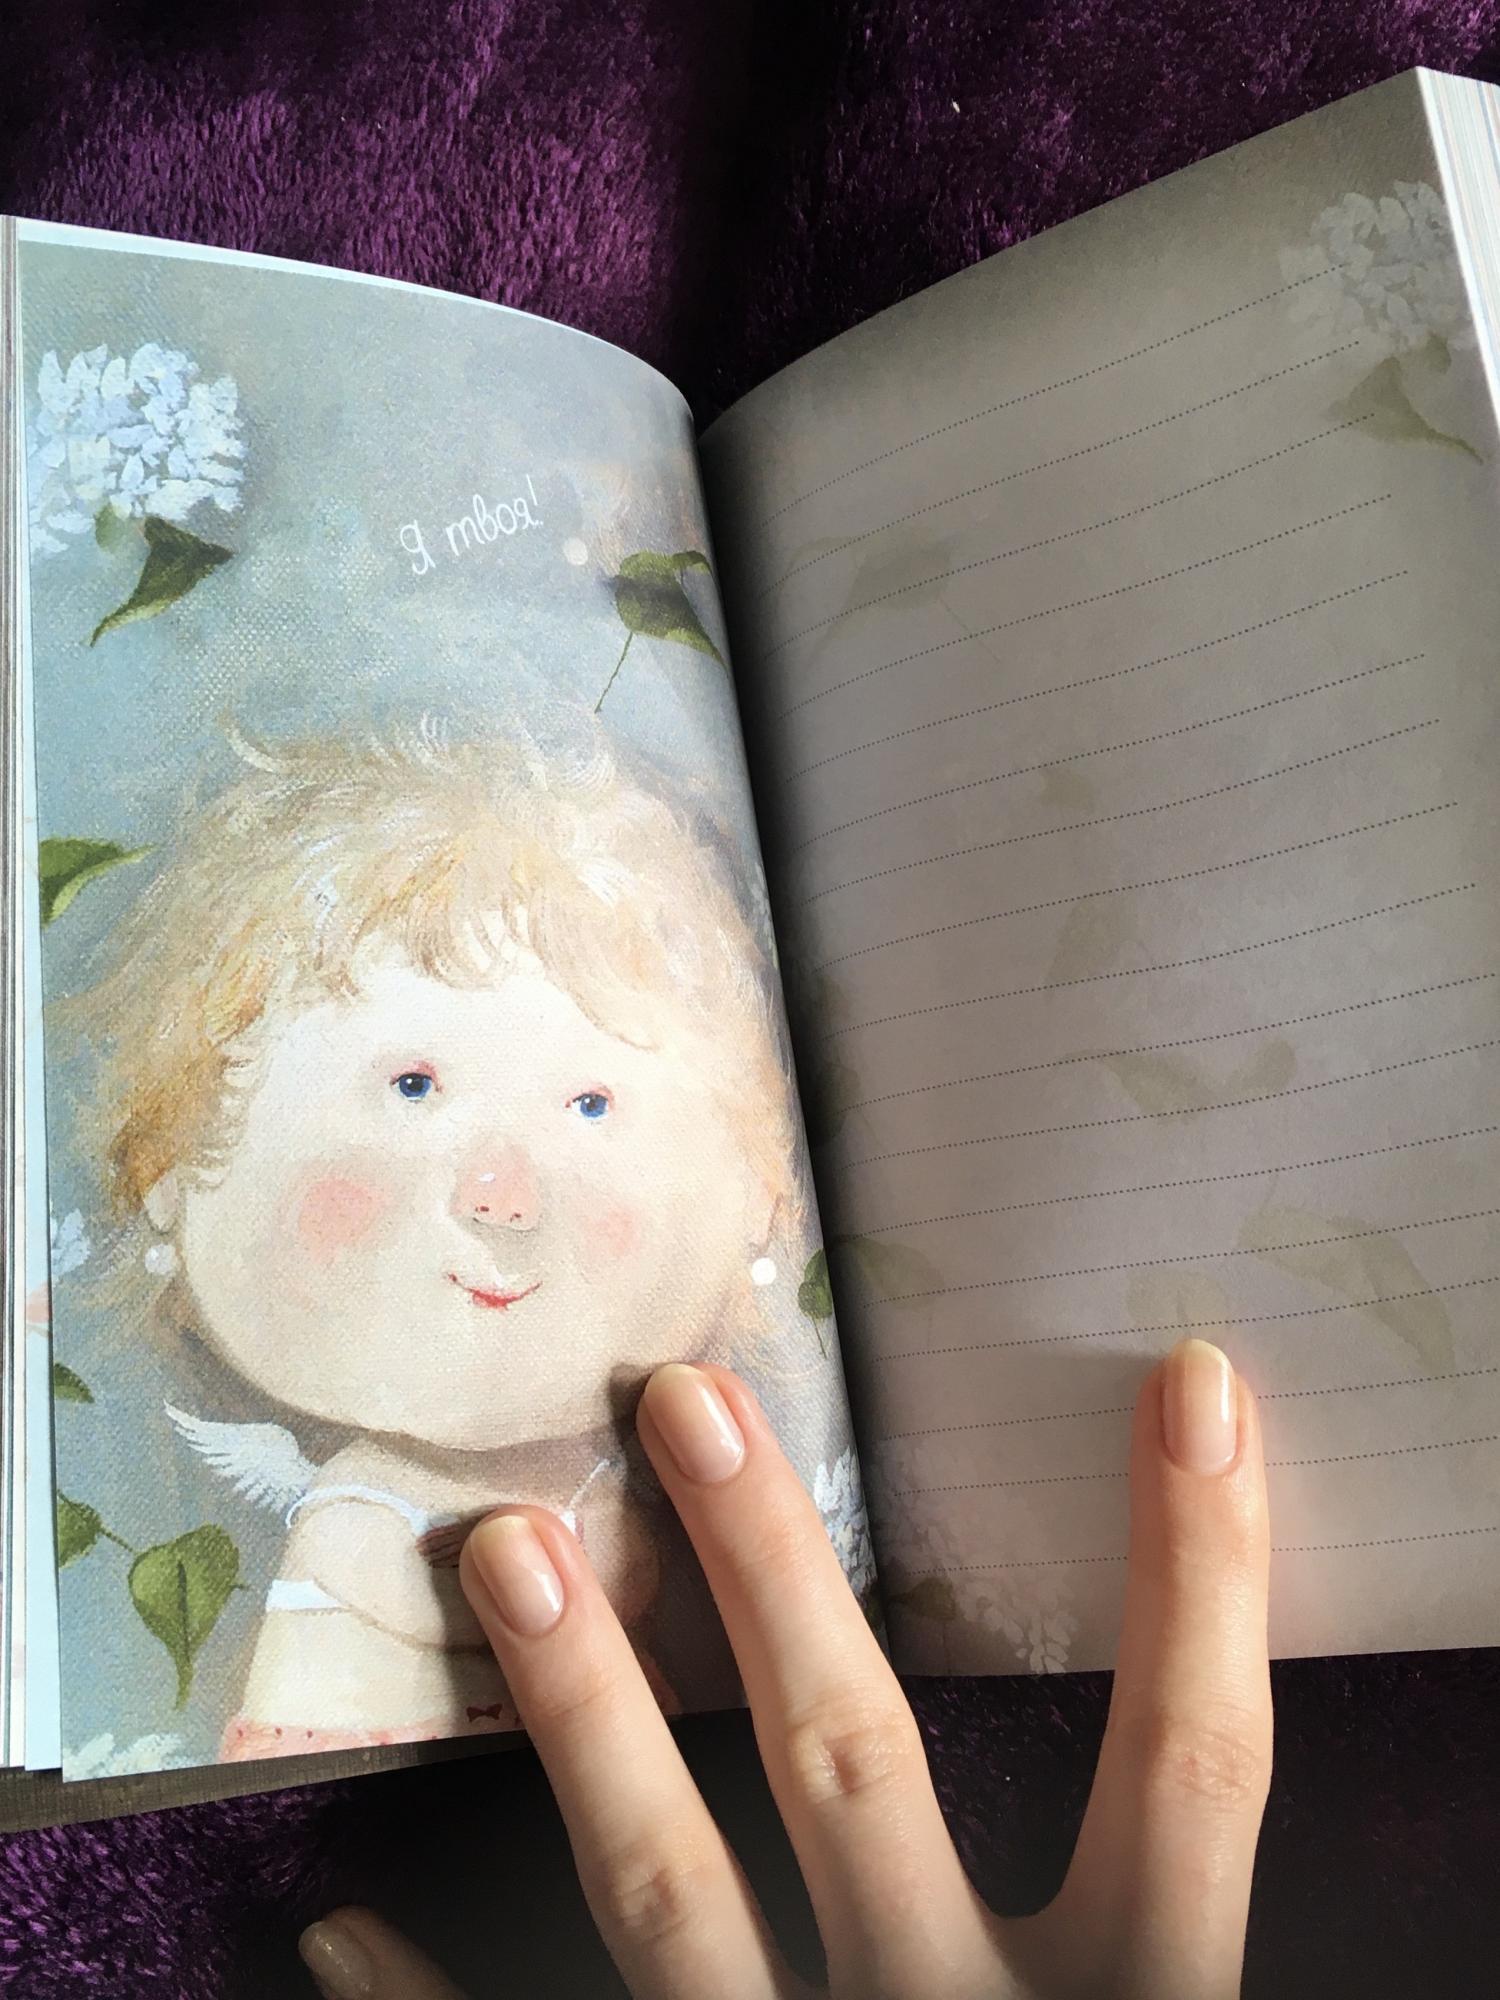 Авторский блокнот ты и я Евгения Гапчинская в Москве 89775750389 купить 4